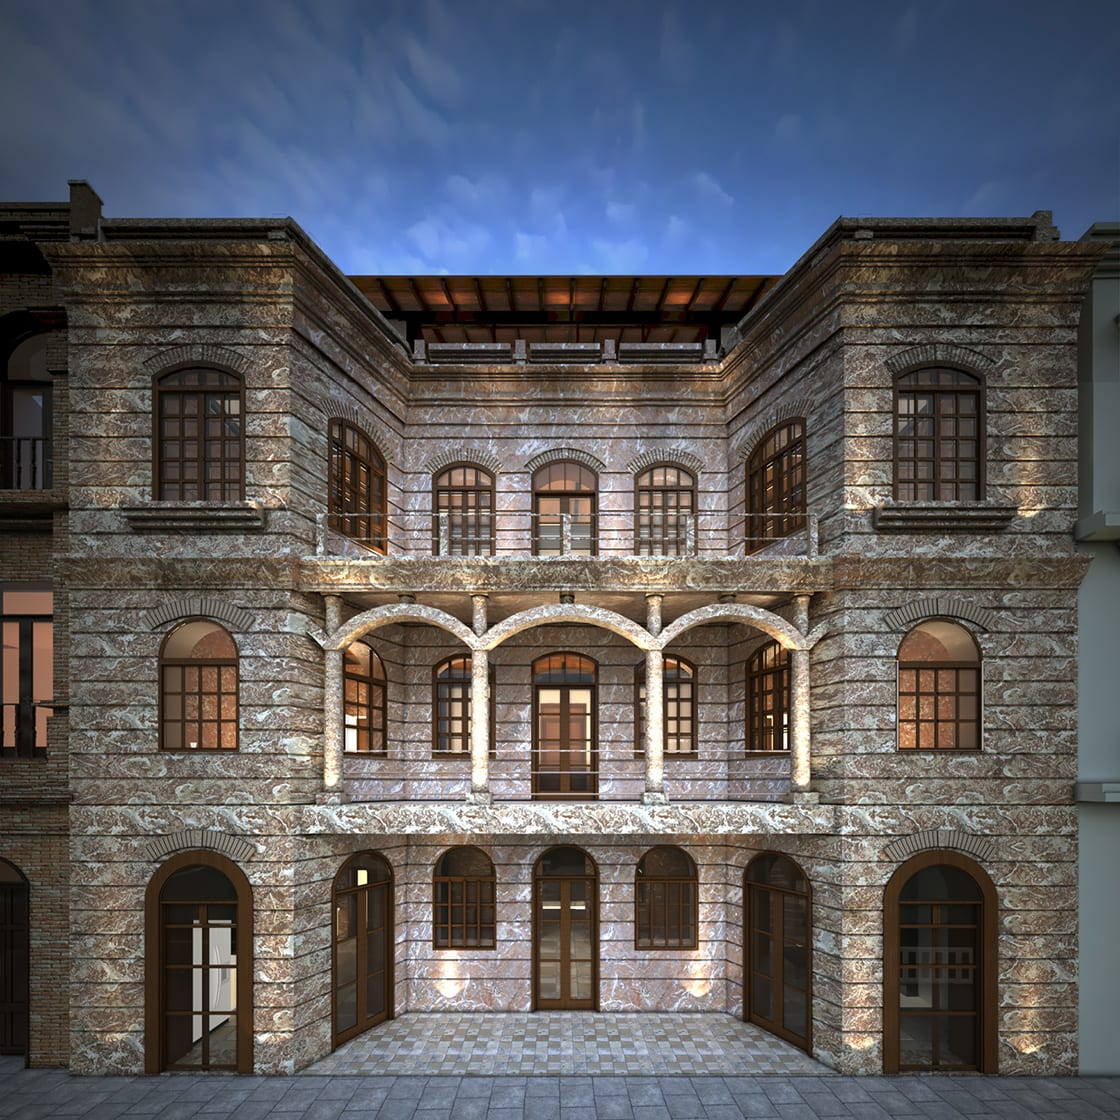 Exterior Of The Cruz Del Vado Hotel In Cuenca